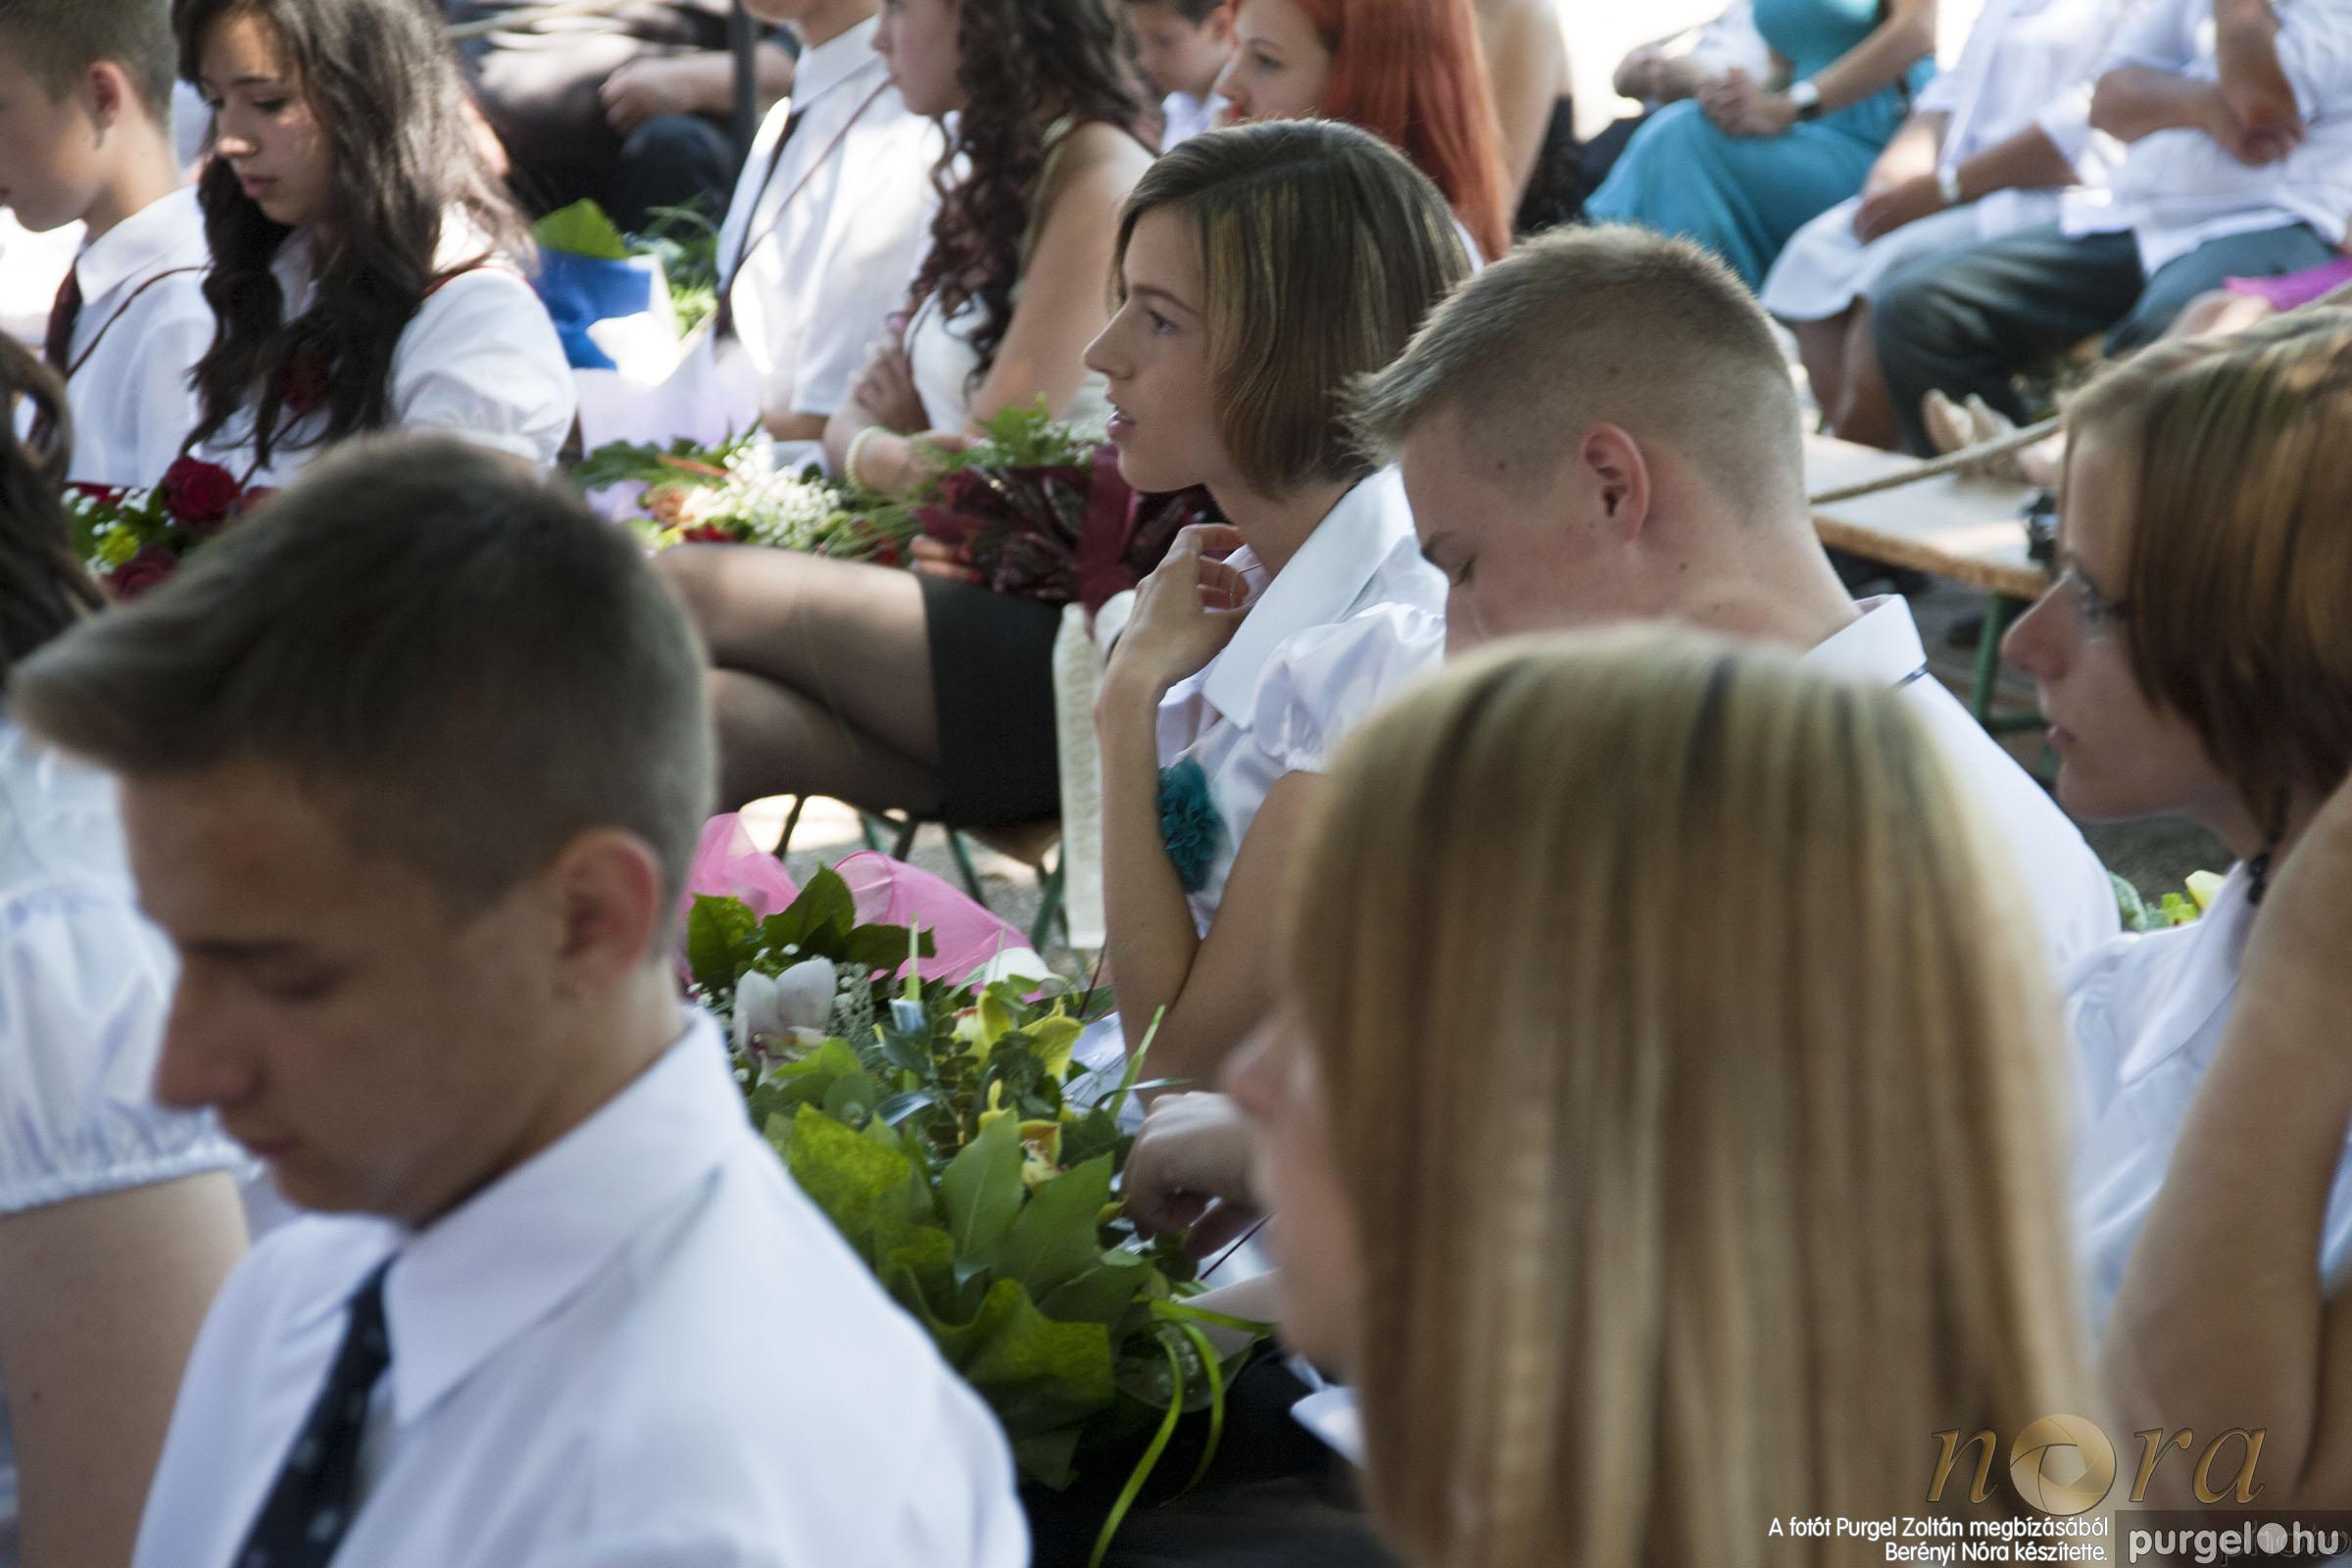 2013.06.15. 234 Forray Máté Általános Iskola ballagás 2013. - Fotó:BERÉNYI NÓRA© _MG_1294.JPG